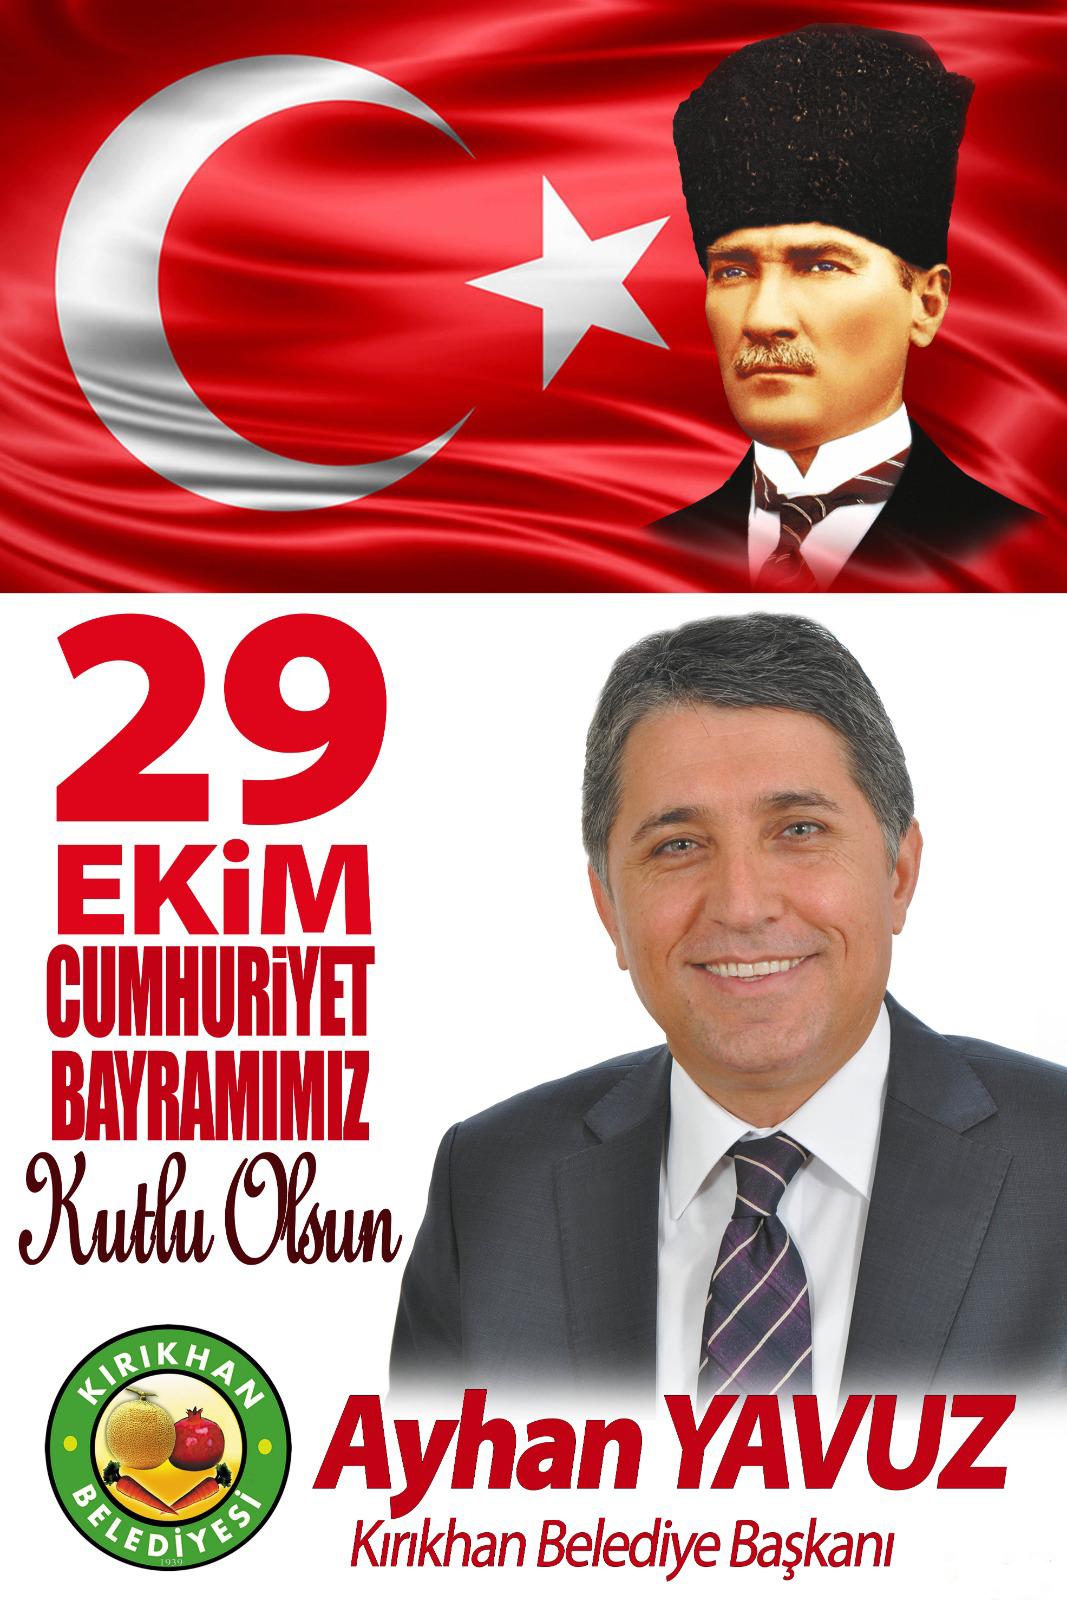 """YAVUZ """"29 EKİM CUMHURİYET BAYRAMIMIZ KUTLU OLSUN"""""""